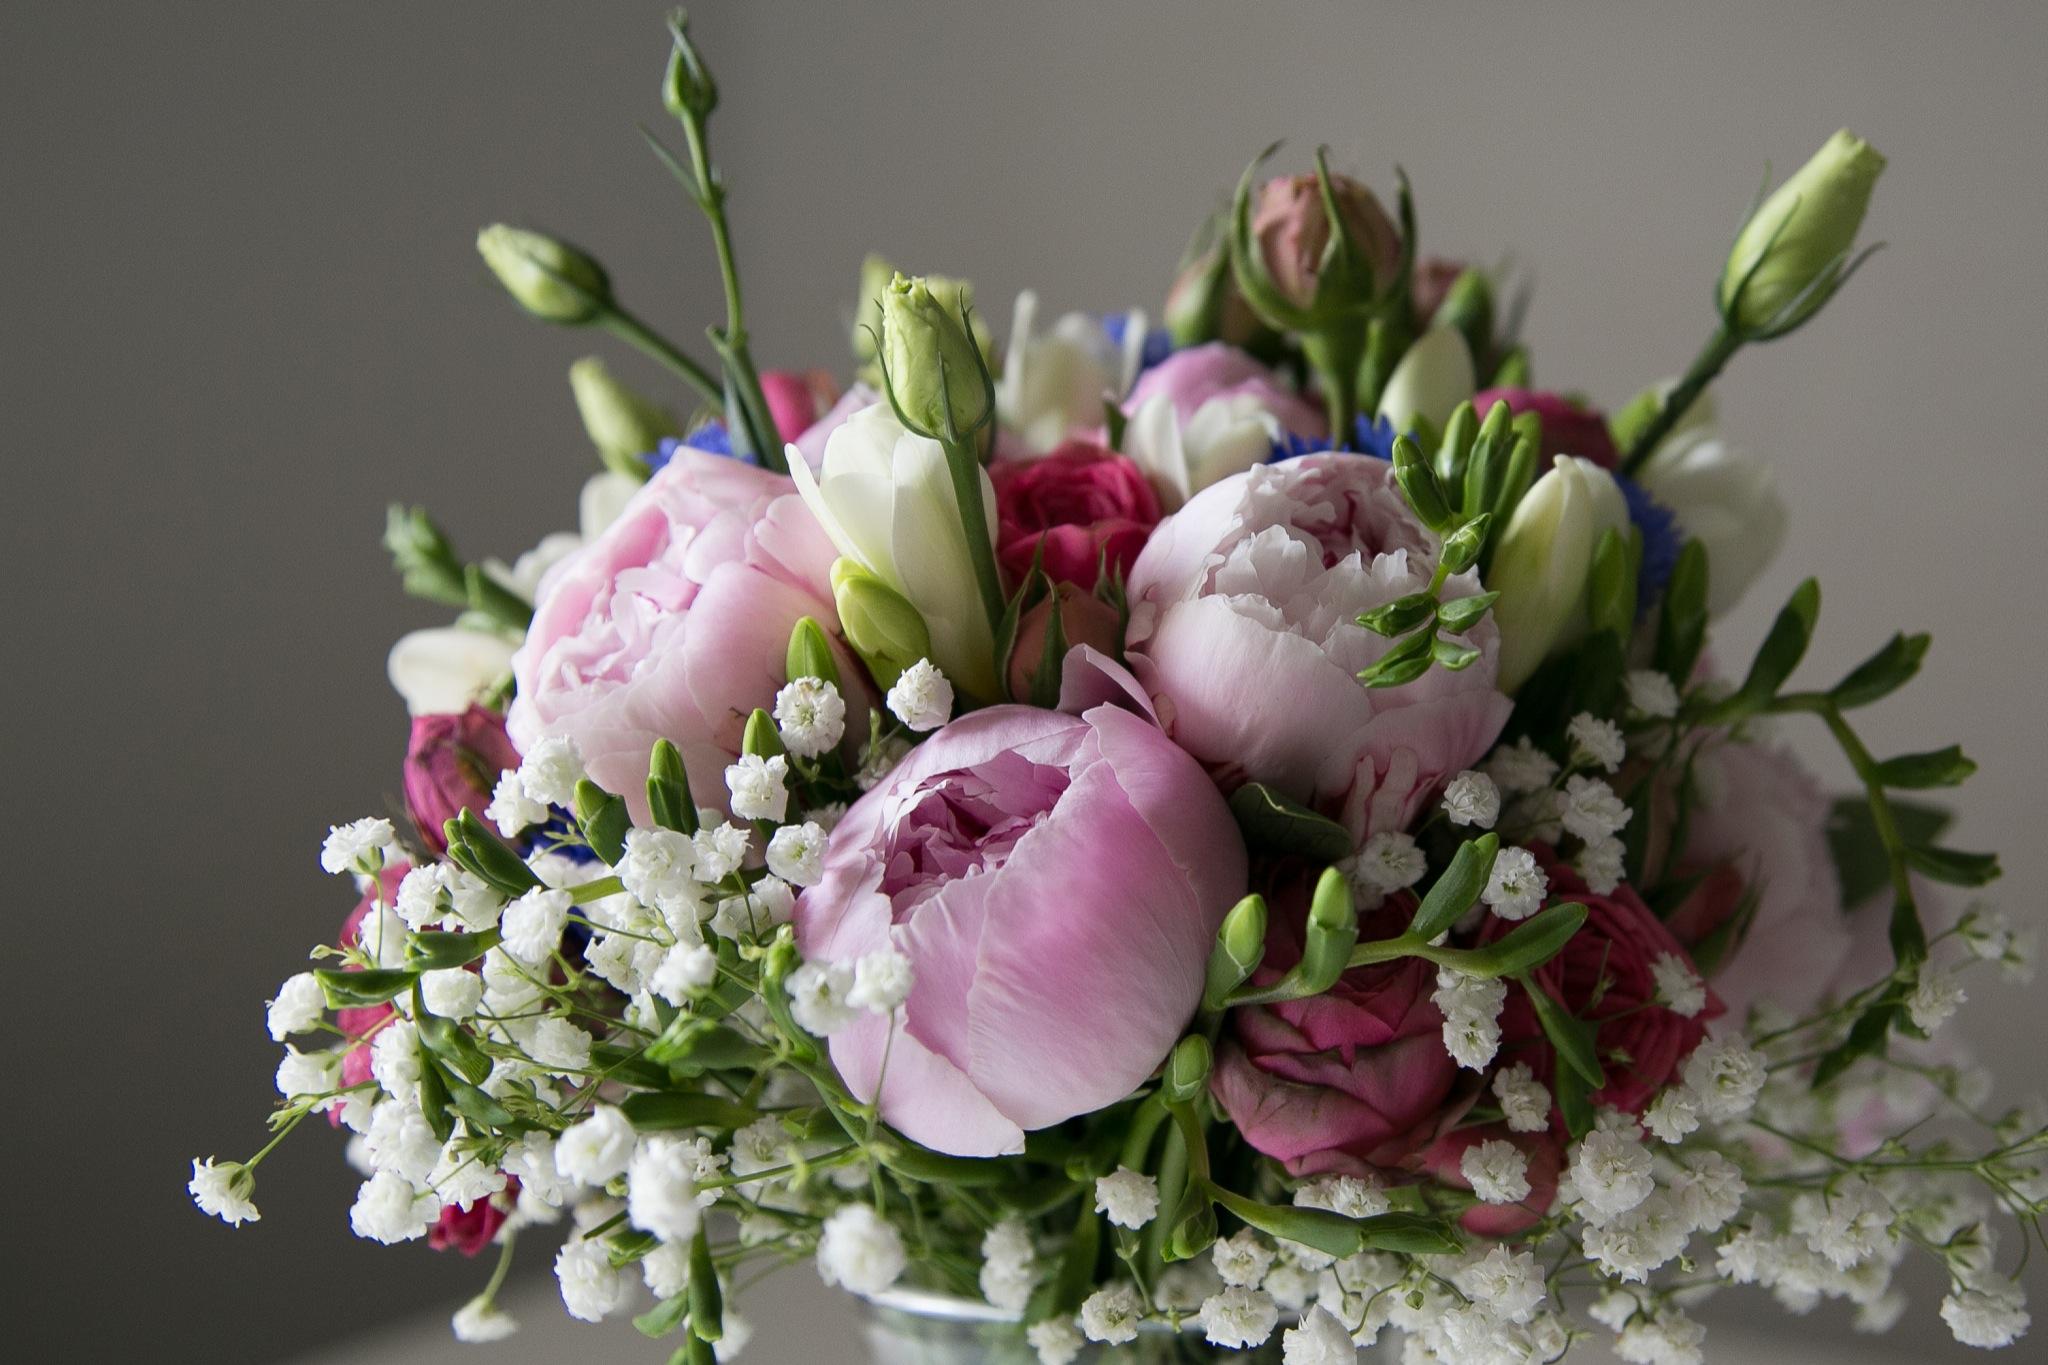 sarahs-flowers-1.jpg